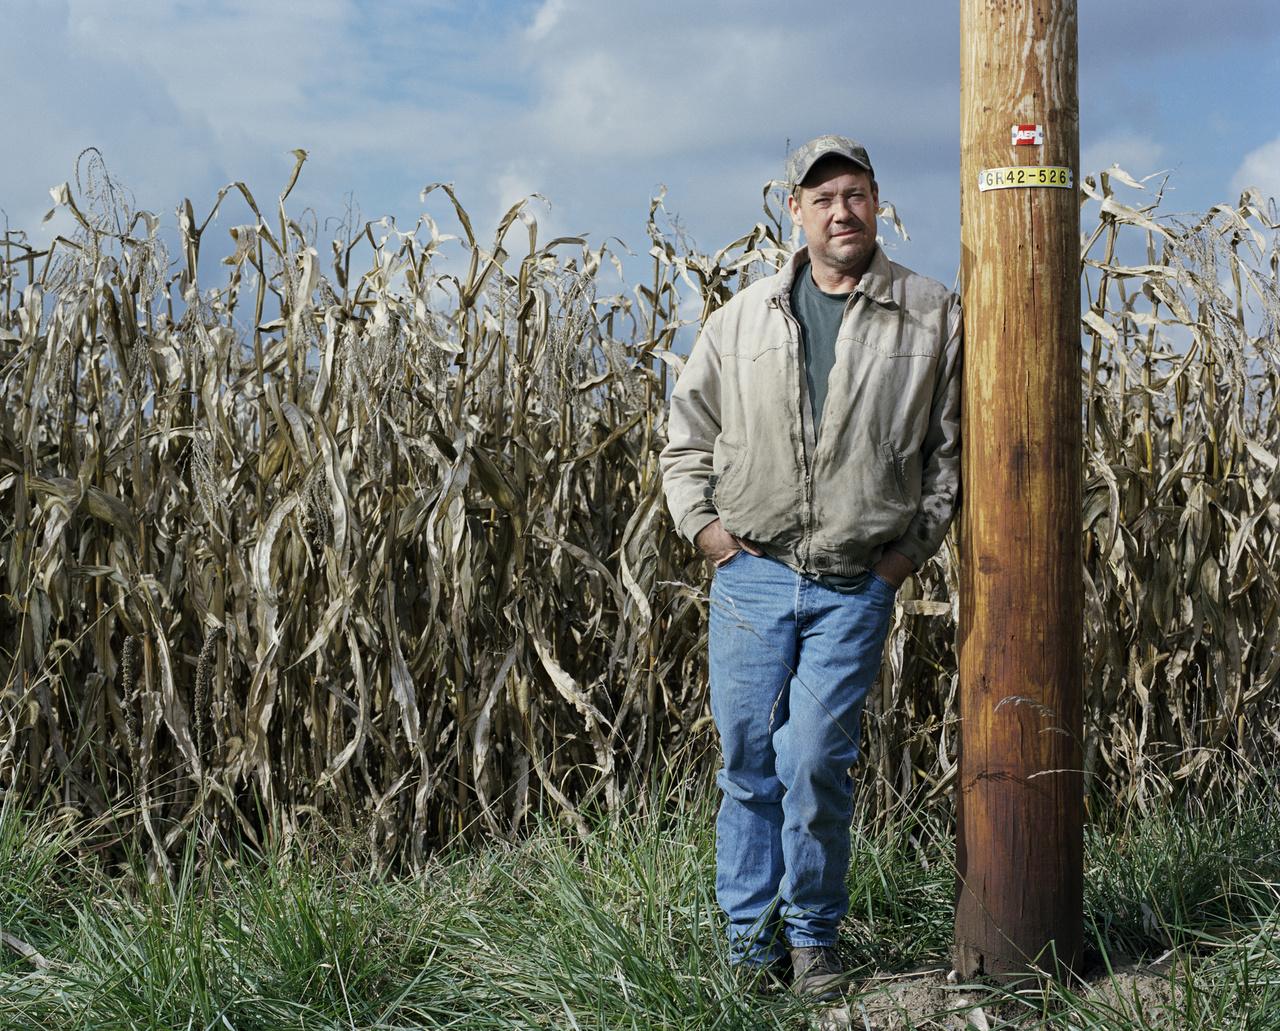 """A vetőmagokat évről évre a Monsantótól kell megvenni. """"A cég egy rendőrséggel felérő állományt tart fenn, akik az USA középnyugati részén pásztázzák a szántóföldeket, hogy kinél találnak a cég szabadalma alatt álló vetőmagokat."""" Márpedig a szél is hordhatja, akár egy madár is elhullajthatja a magot és ha lepottyant, alapja lehet a pernek. Troy Roush gazdálkodó 390 ezer dollárt költött ügyvédekre, mire bebizonyította, hogy nem kell fizetnie a Monsantónak az állítólag kimutatott DNS-nyomok alapján. A költséges procedúrát azonban sokan nem engedhetik meg maguknak és inkább belemennek, hogy a vetőmagot a Monsantótól vásárolják meg."""